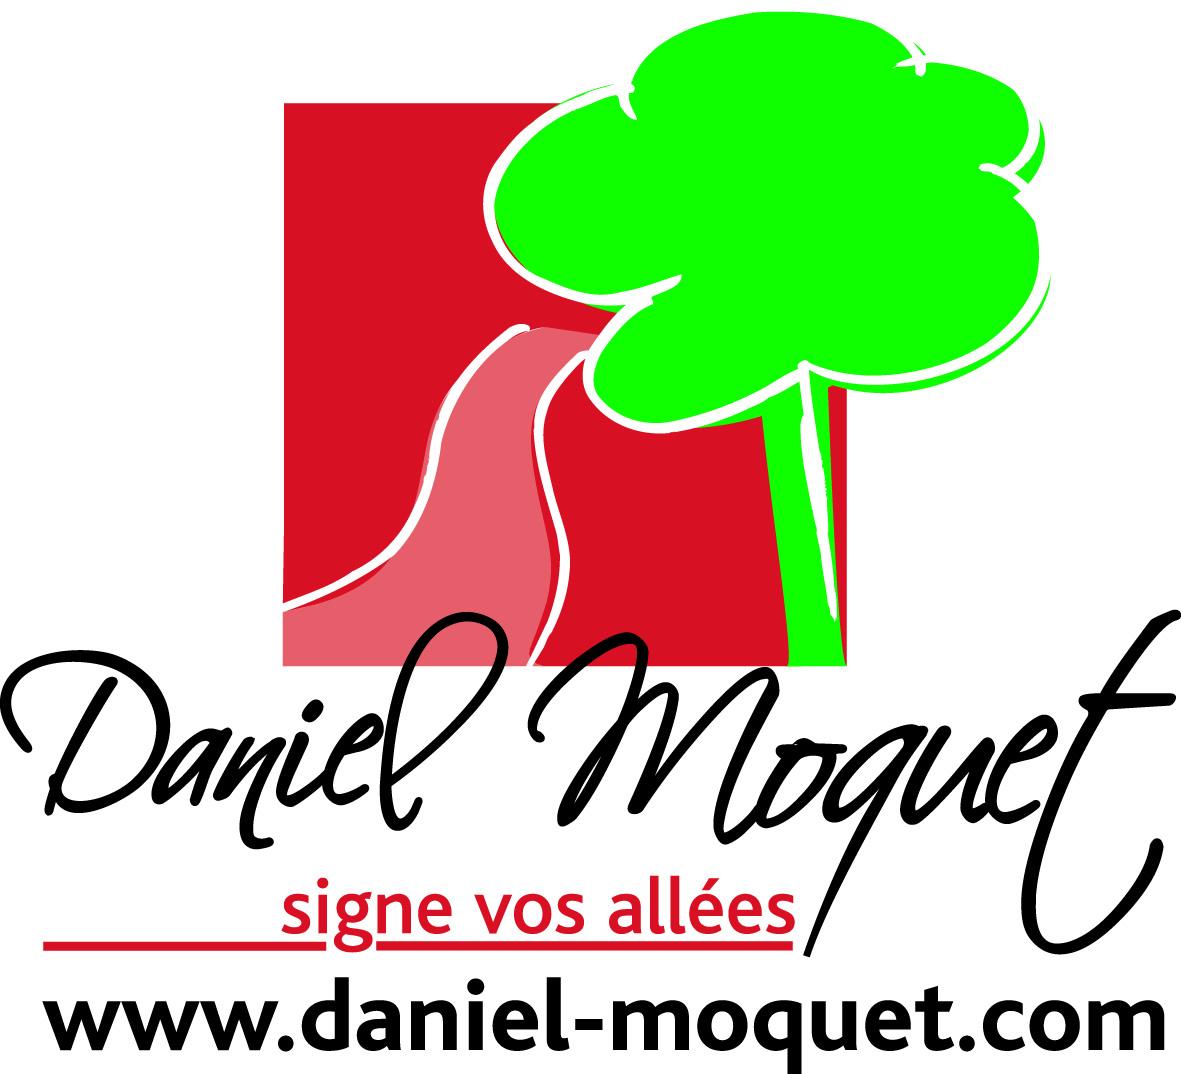 Daniel Moquet signe vos allées - Ent. Dugast